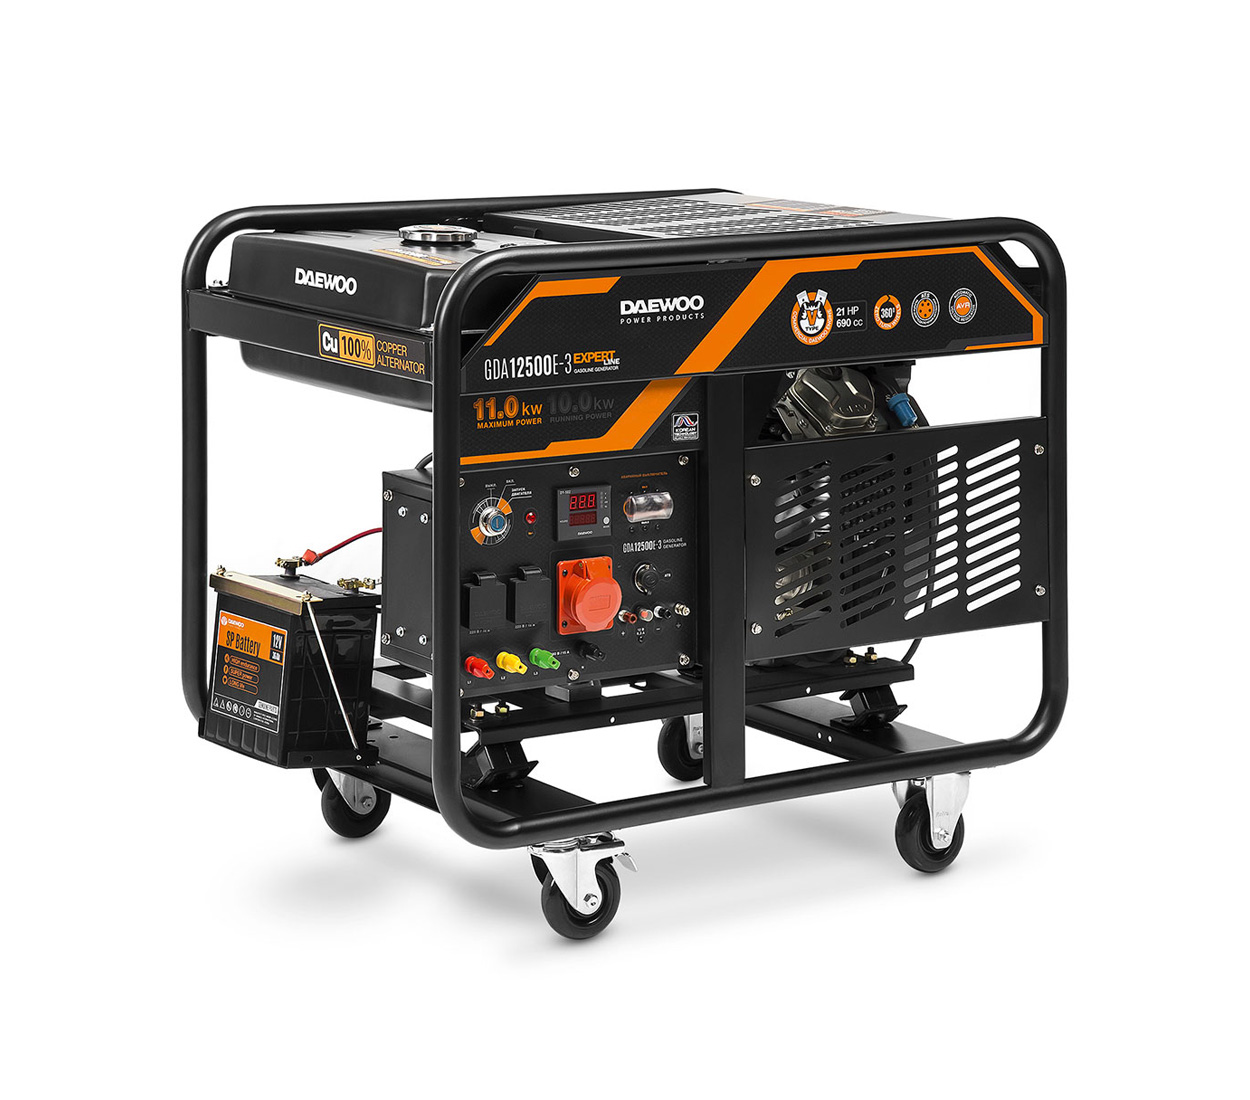 Бензиновый генератор (Бензогенератор) DAEWOO GDA 12500E-3